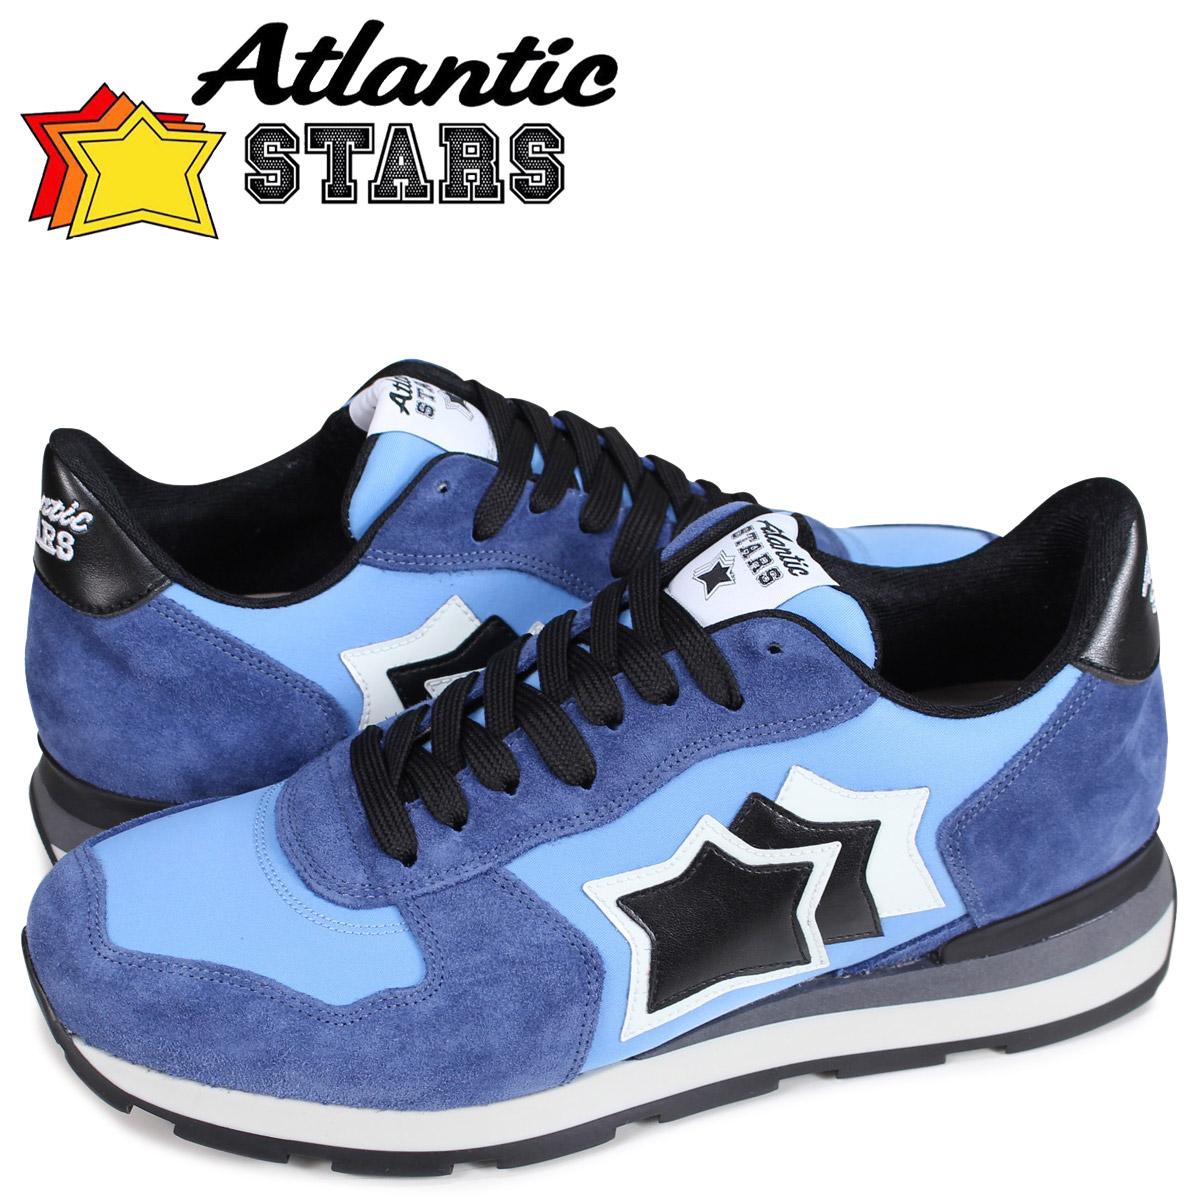 アトランティックスターズ メンズ スニーカー Atlantic STARS アンタレス ANTARES AAZ-81N ブルー